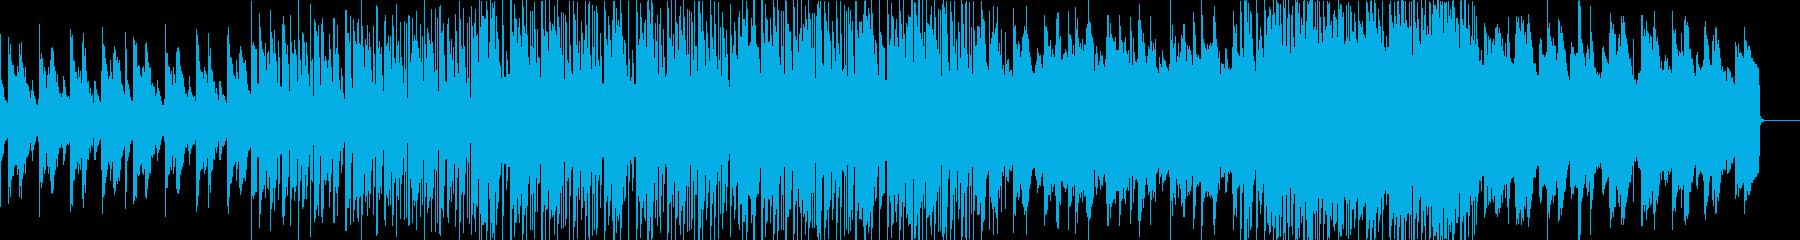 懐かしい感じのエレクトロポップの再生済みの波形